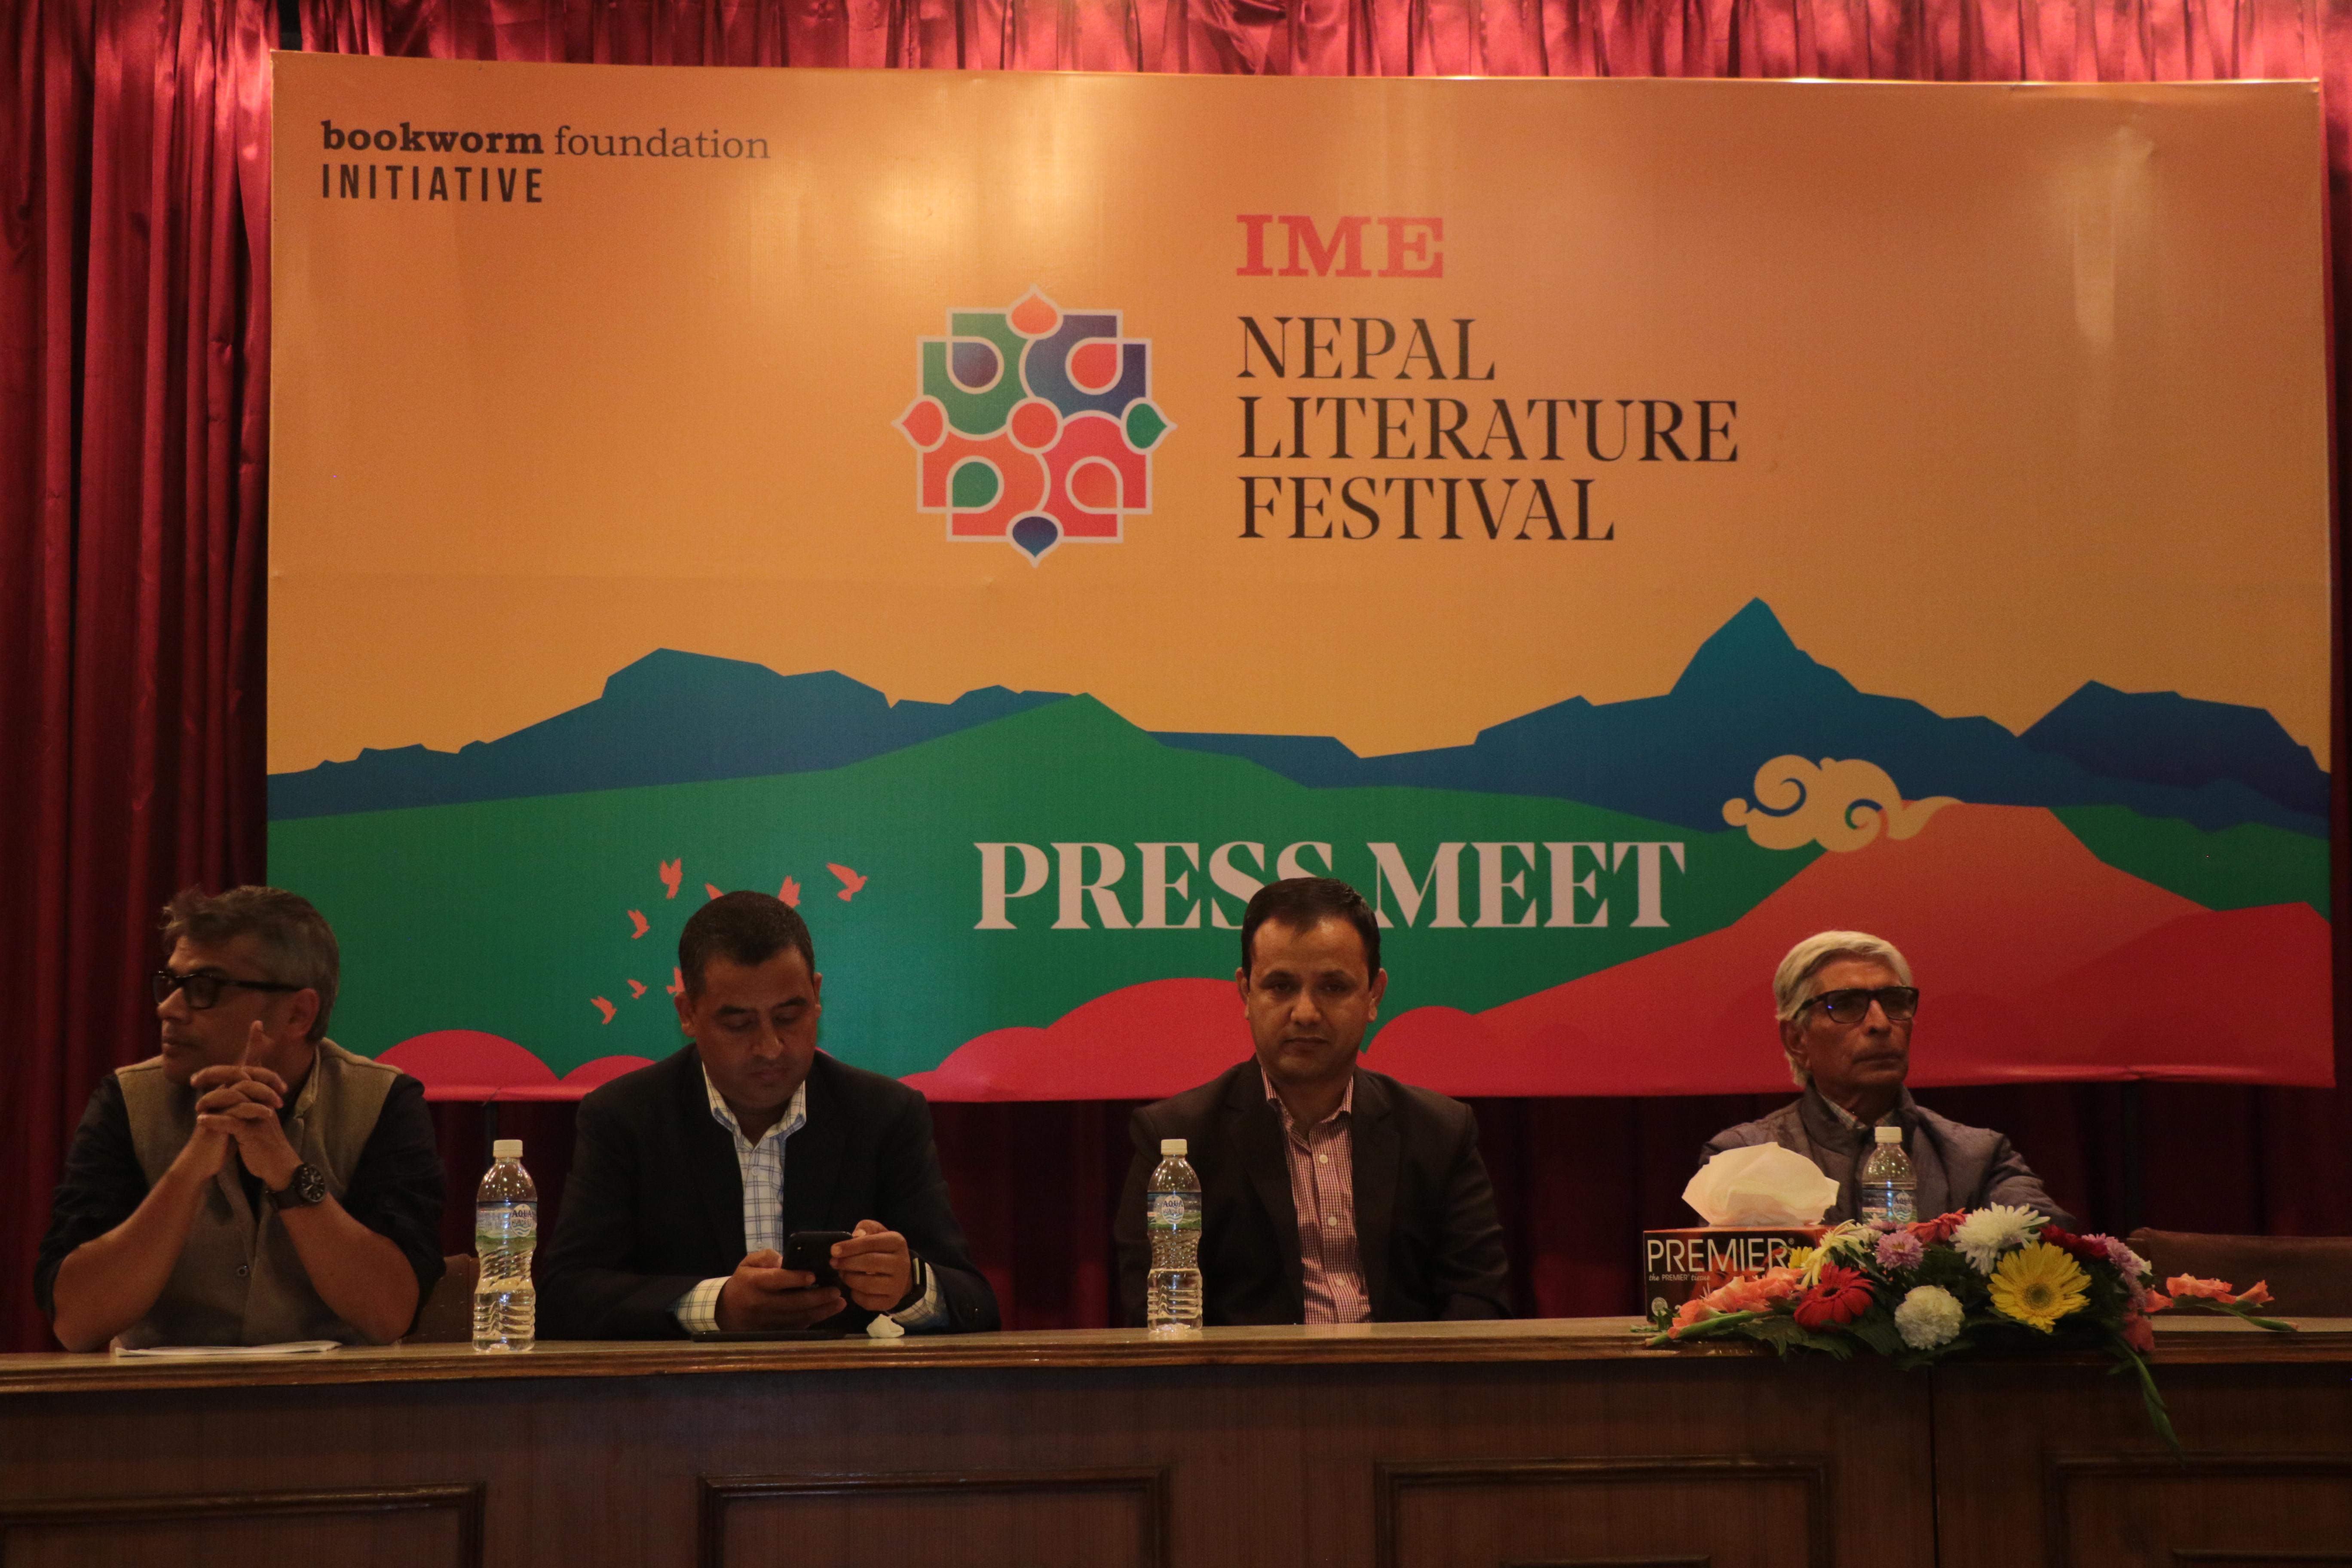 आइएमई नेपाल लिटरेचर फेस्टिभल पोखरामा, हुनेछ दर्जन बढी सेसन